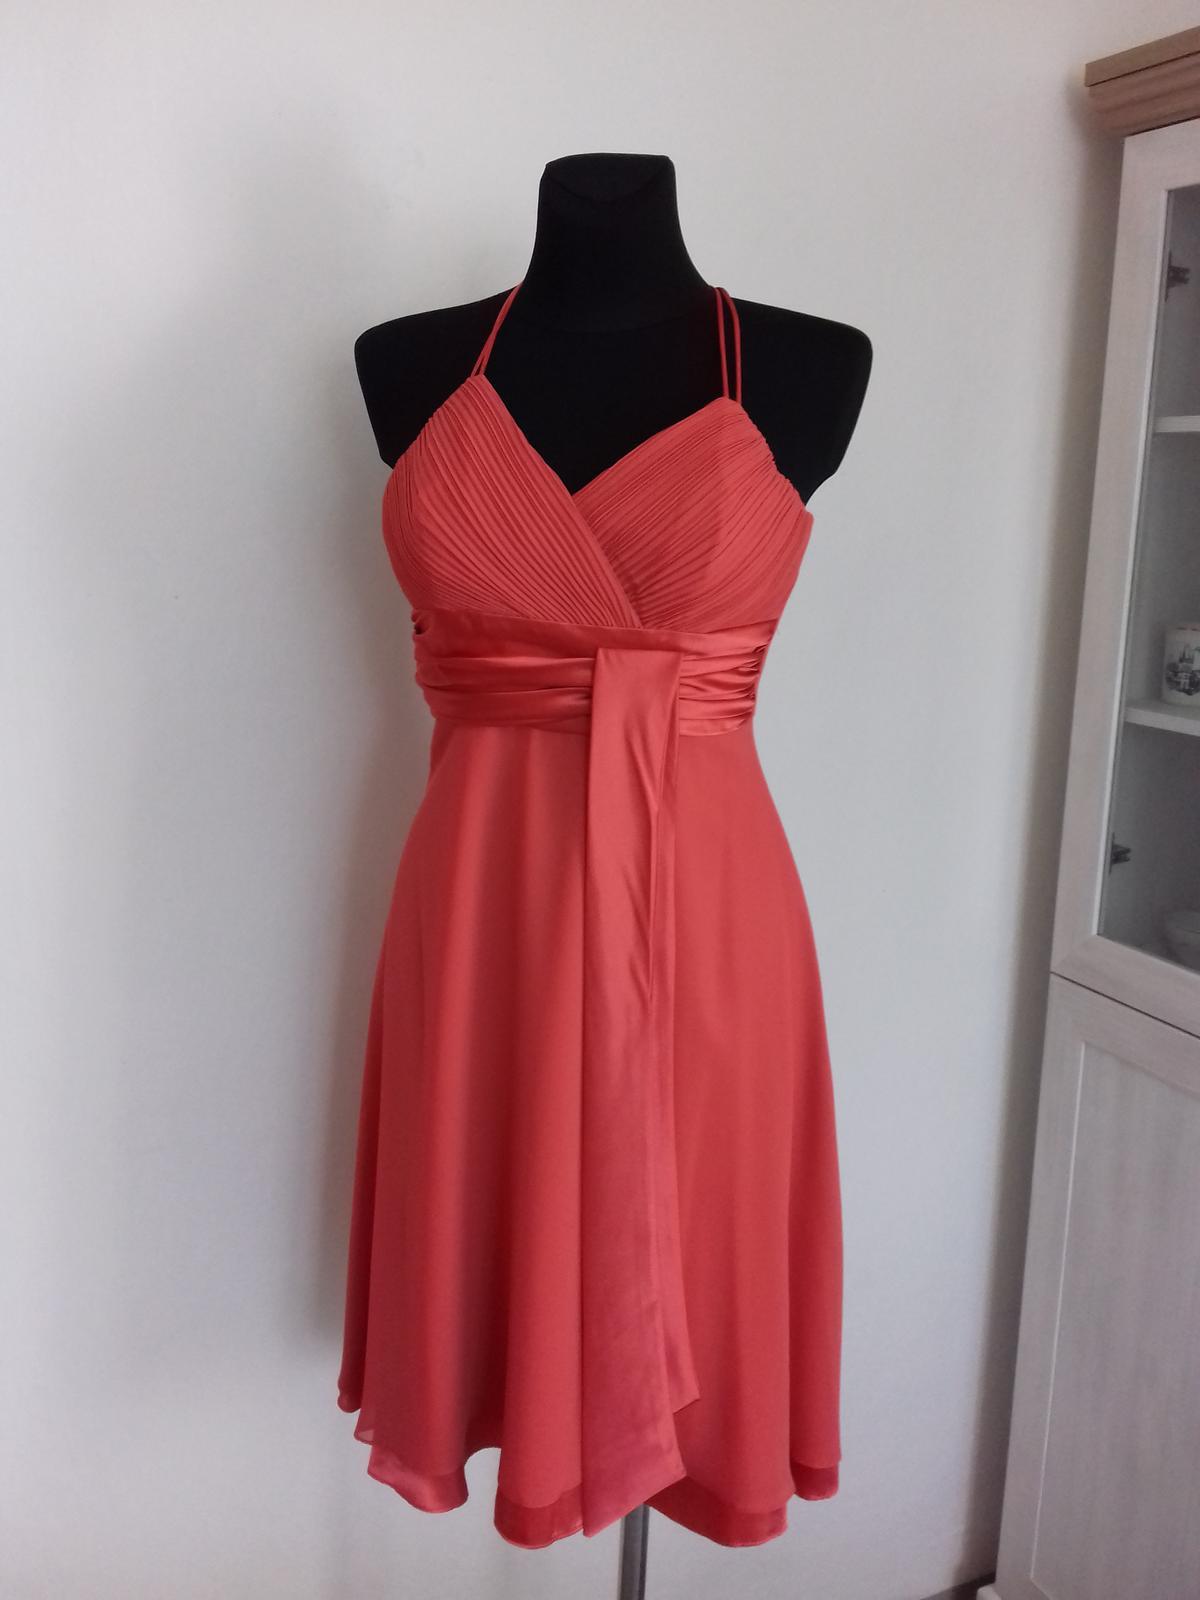 Společenské šaty krátké - Obrázek č. 1